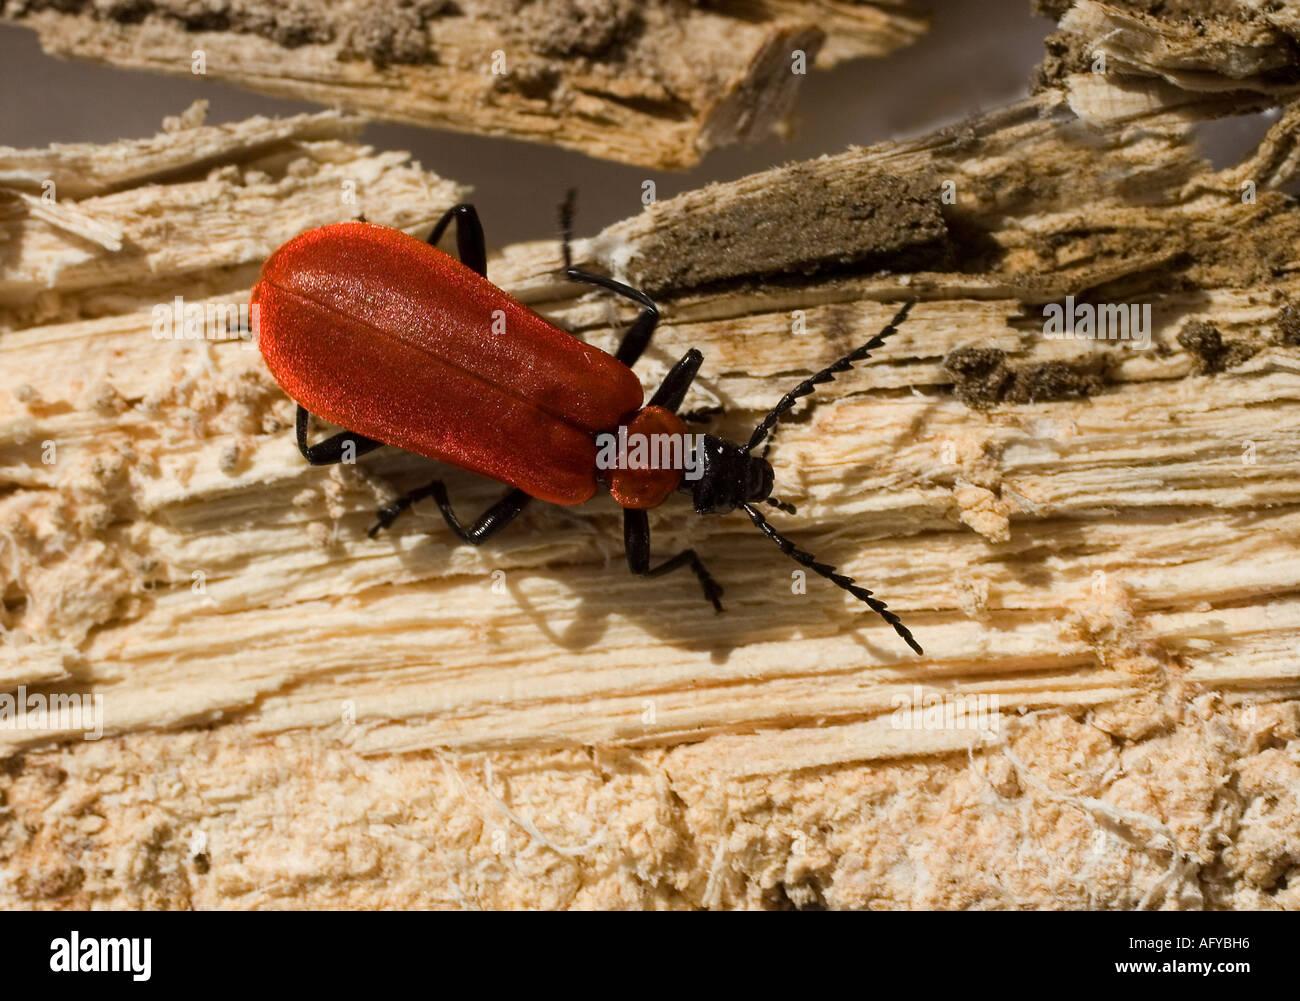 red beetle stockfotos red beetle bilder alamy. Black Bedroom Furniture Sets. Home Design Ideas